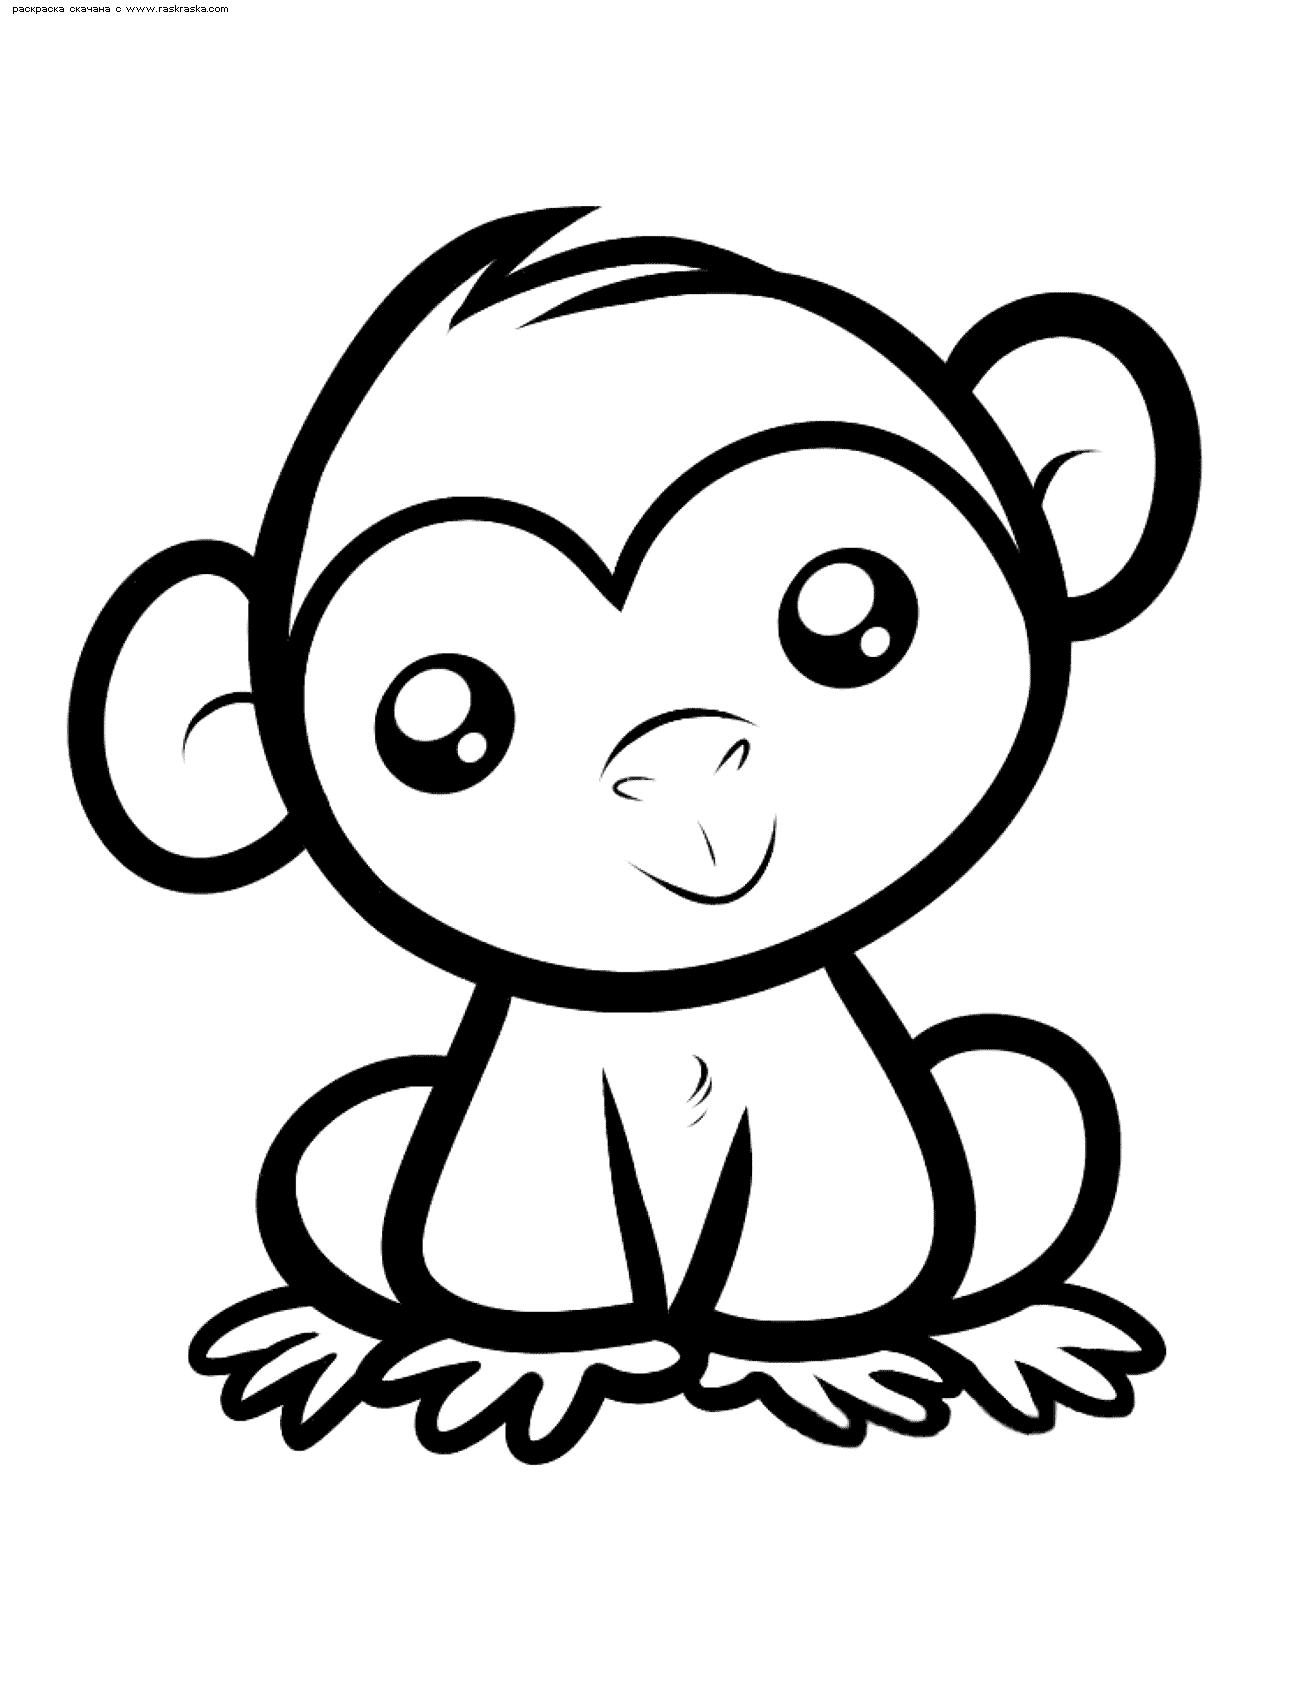 Обезьянки картинки для детей нарисованные014